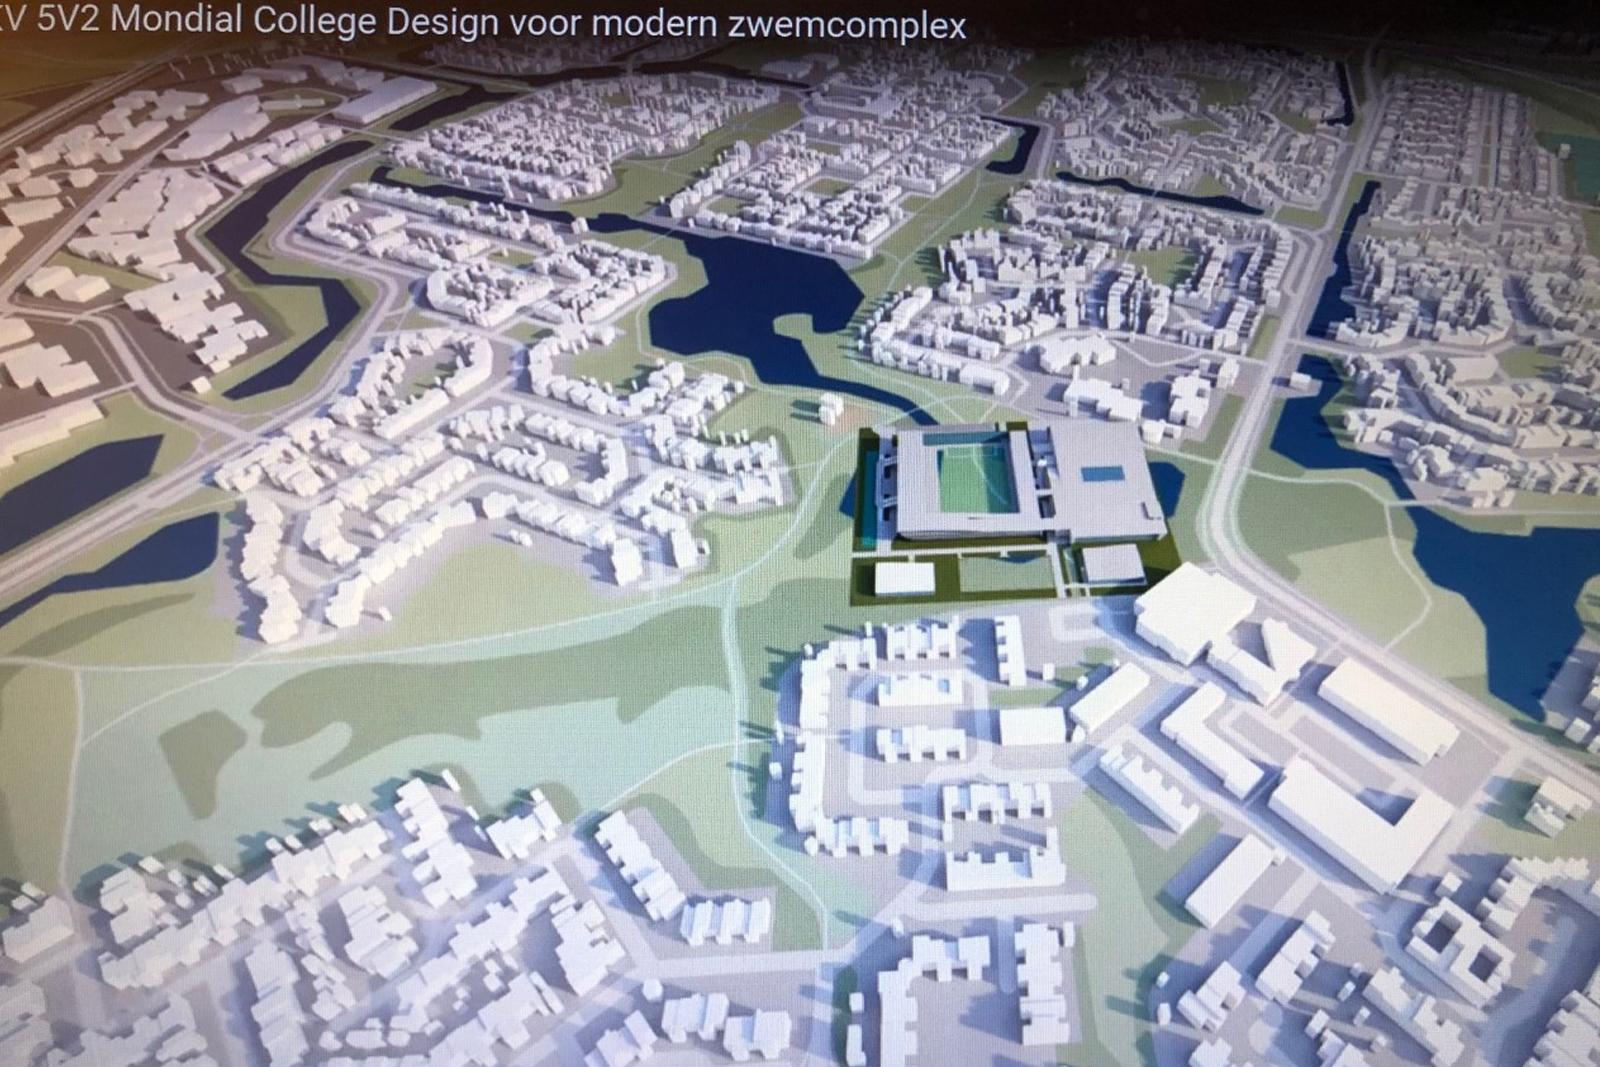 Michiel van Zoest Architectuur Architectuurworkshops en projectonderwijs_Verover je Wijk_Mondial College 002